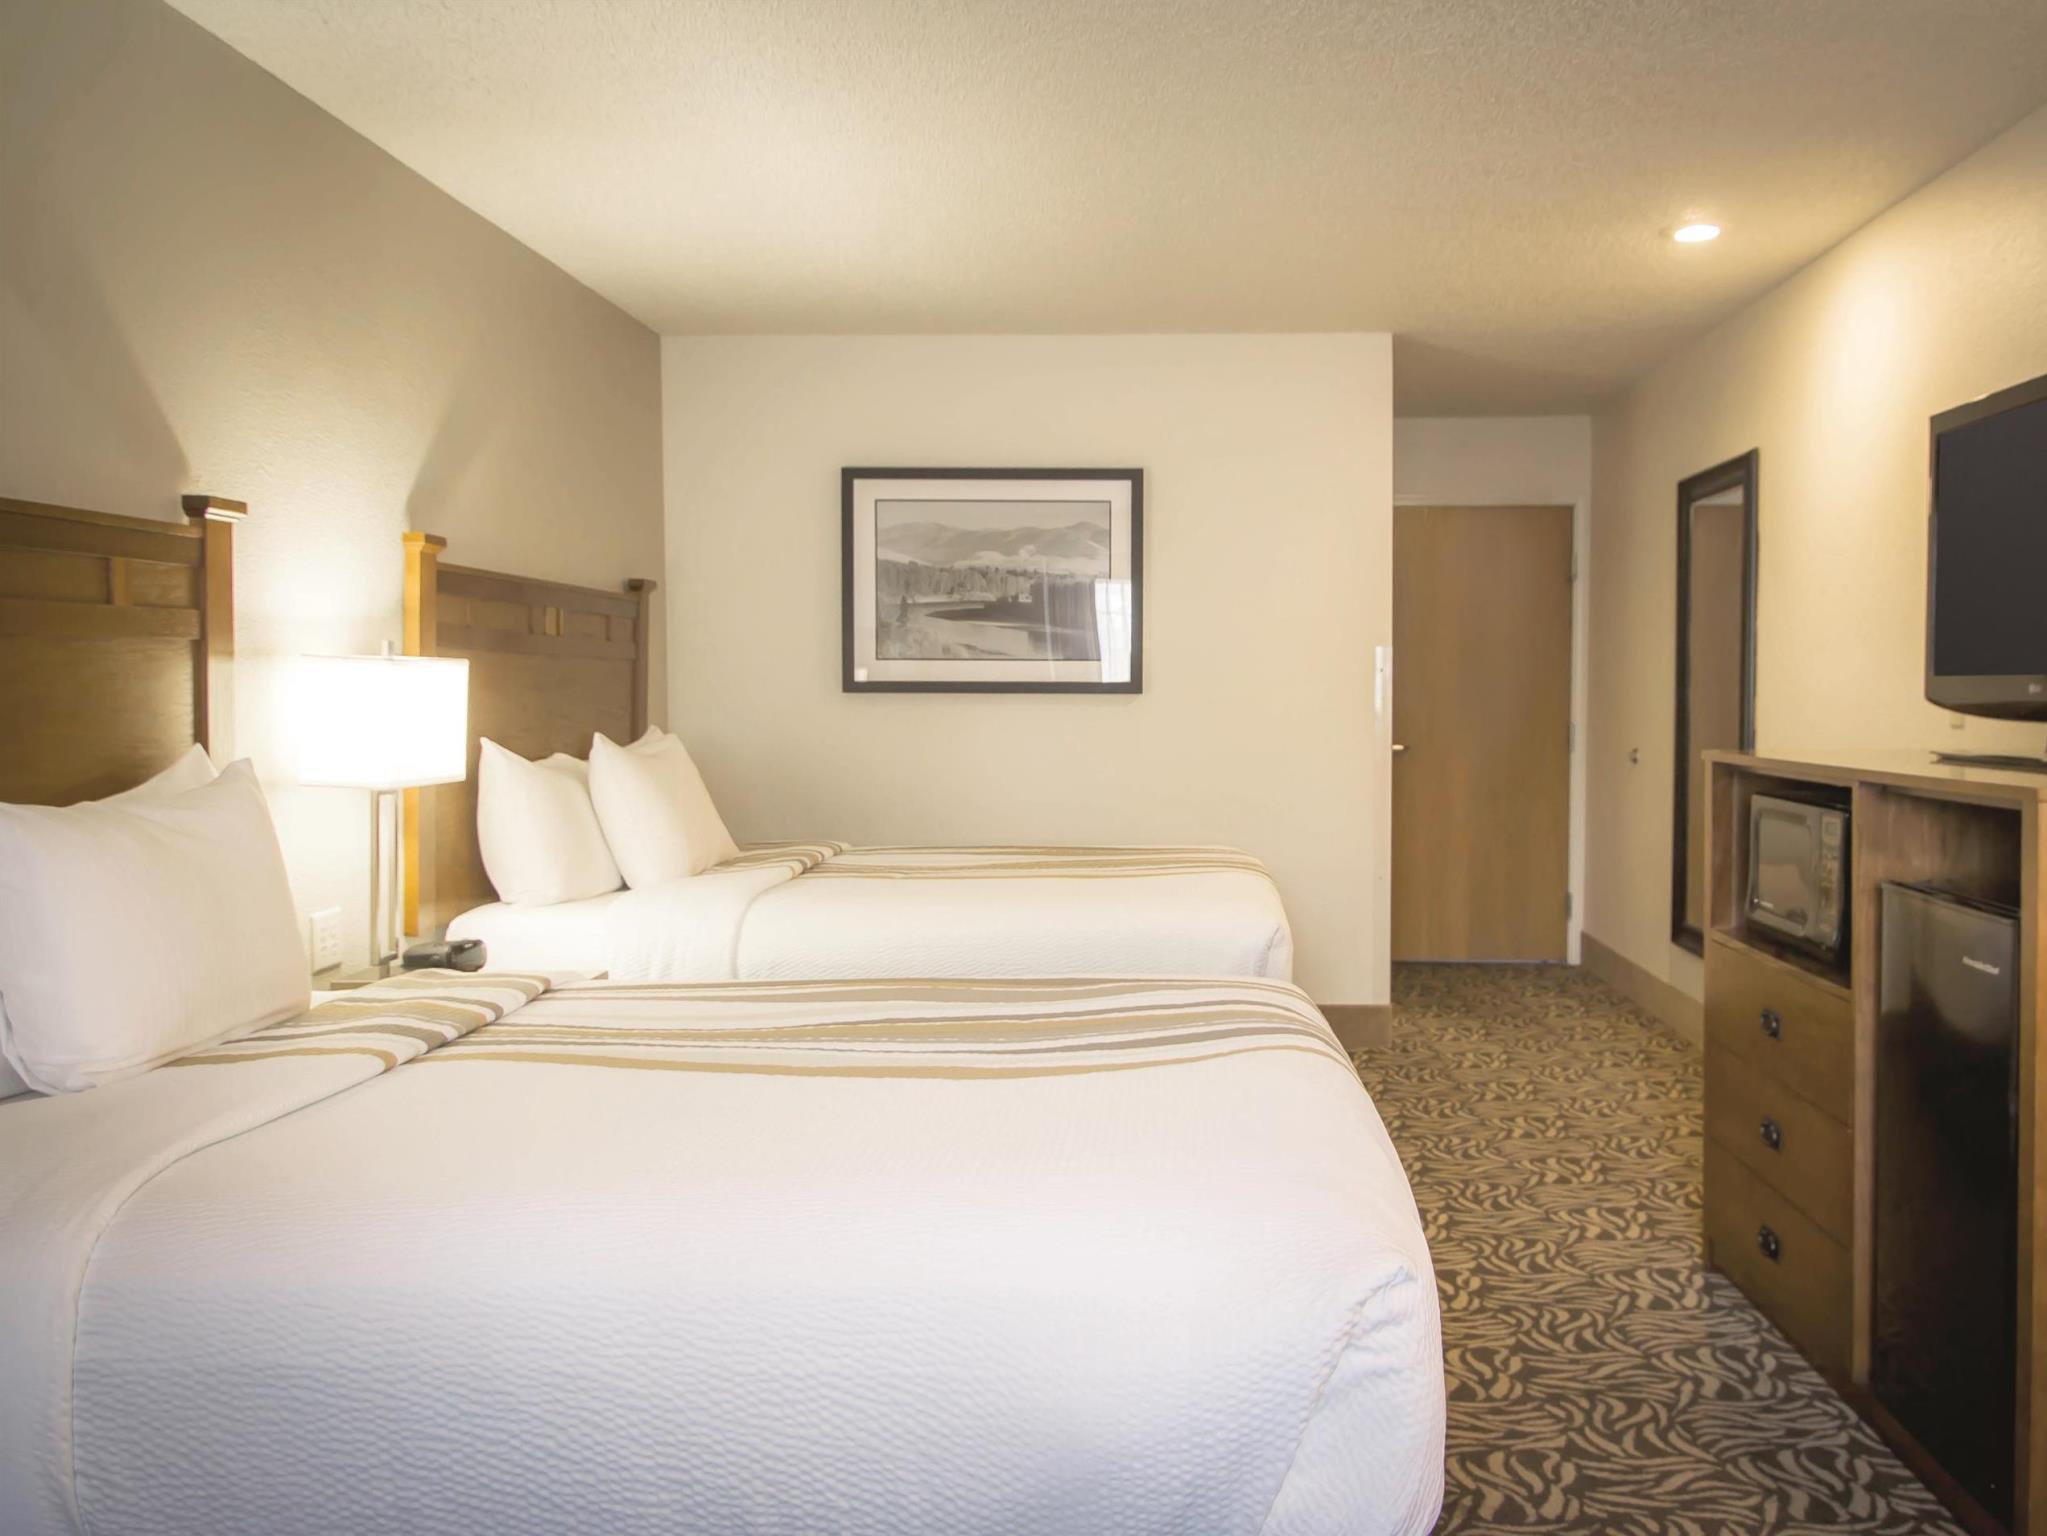 La Quinta Inn By Wyndham Missoula